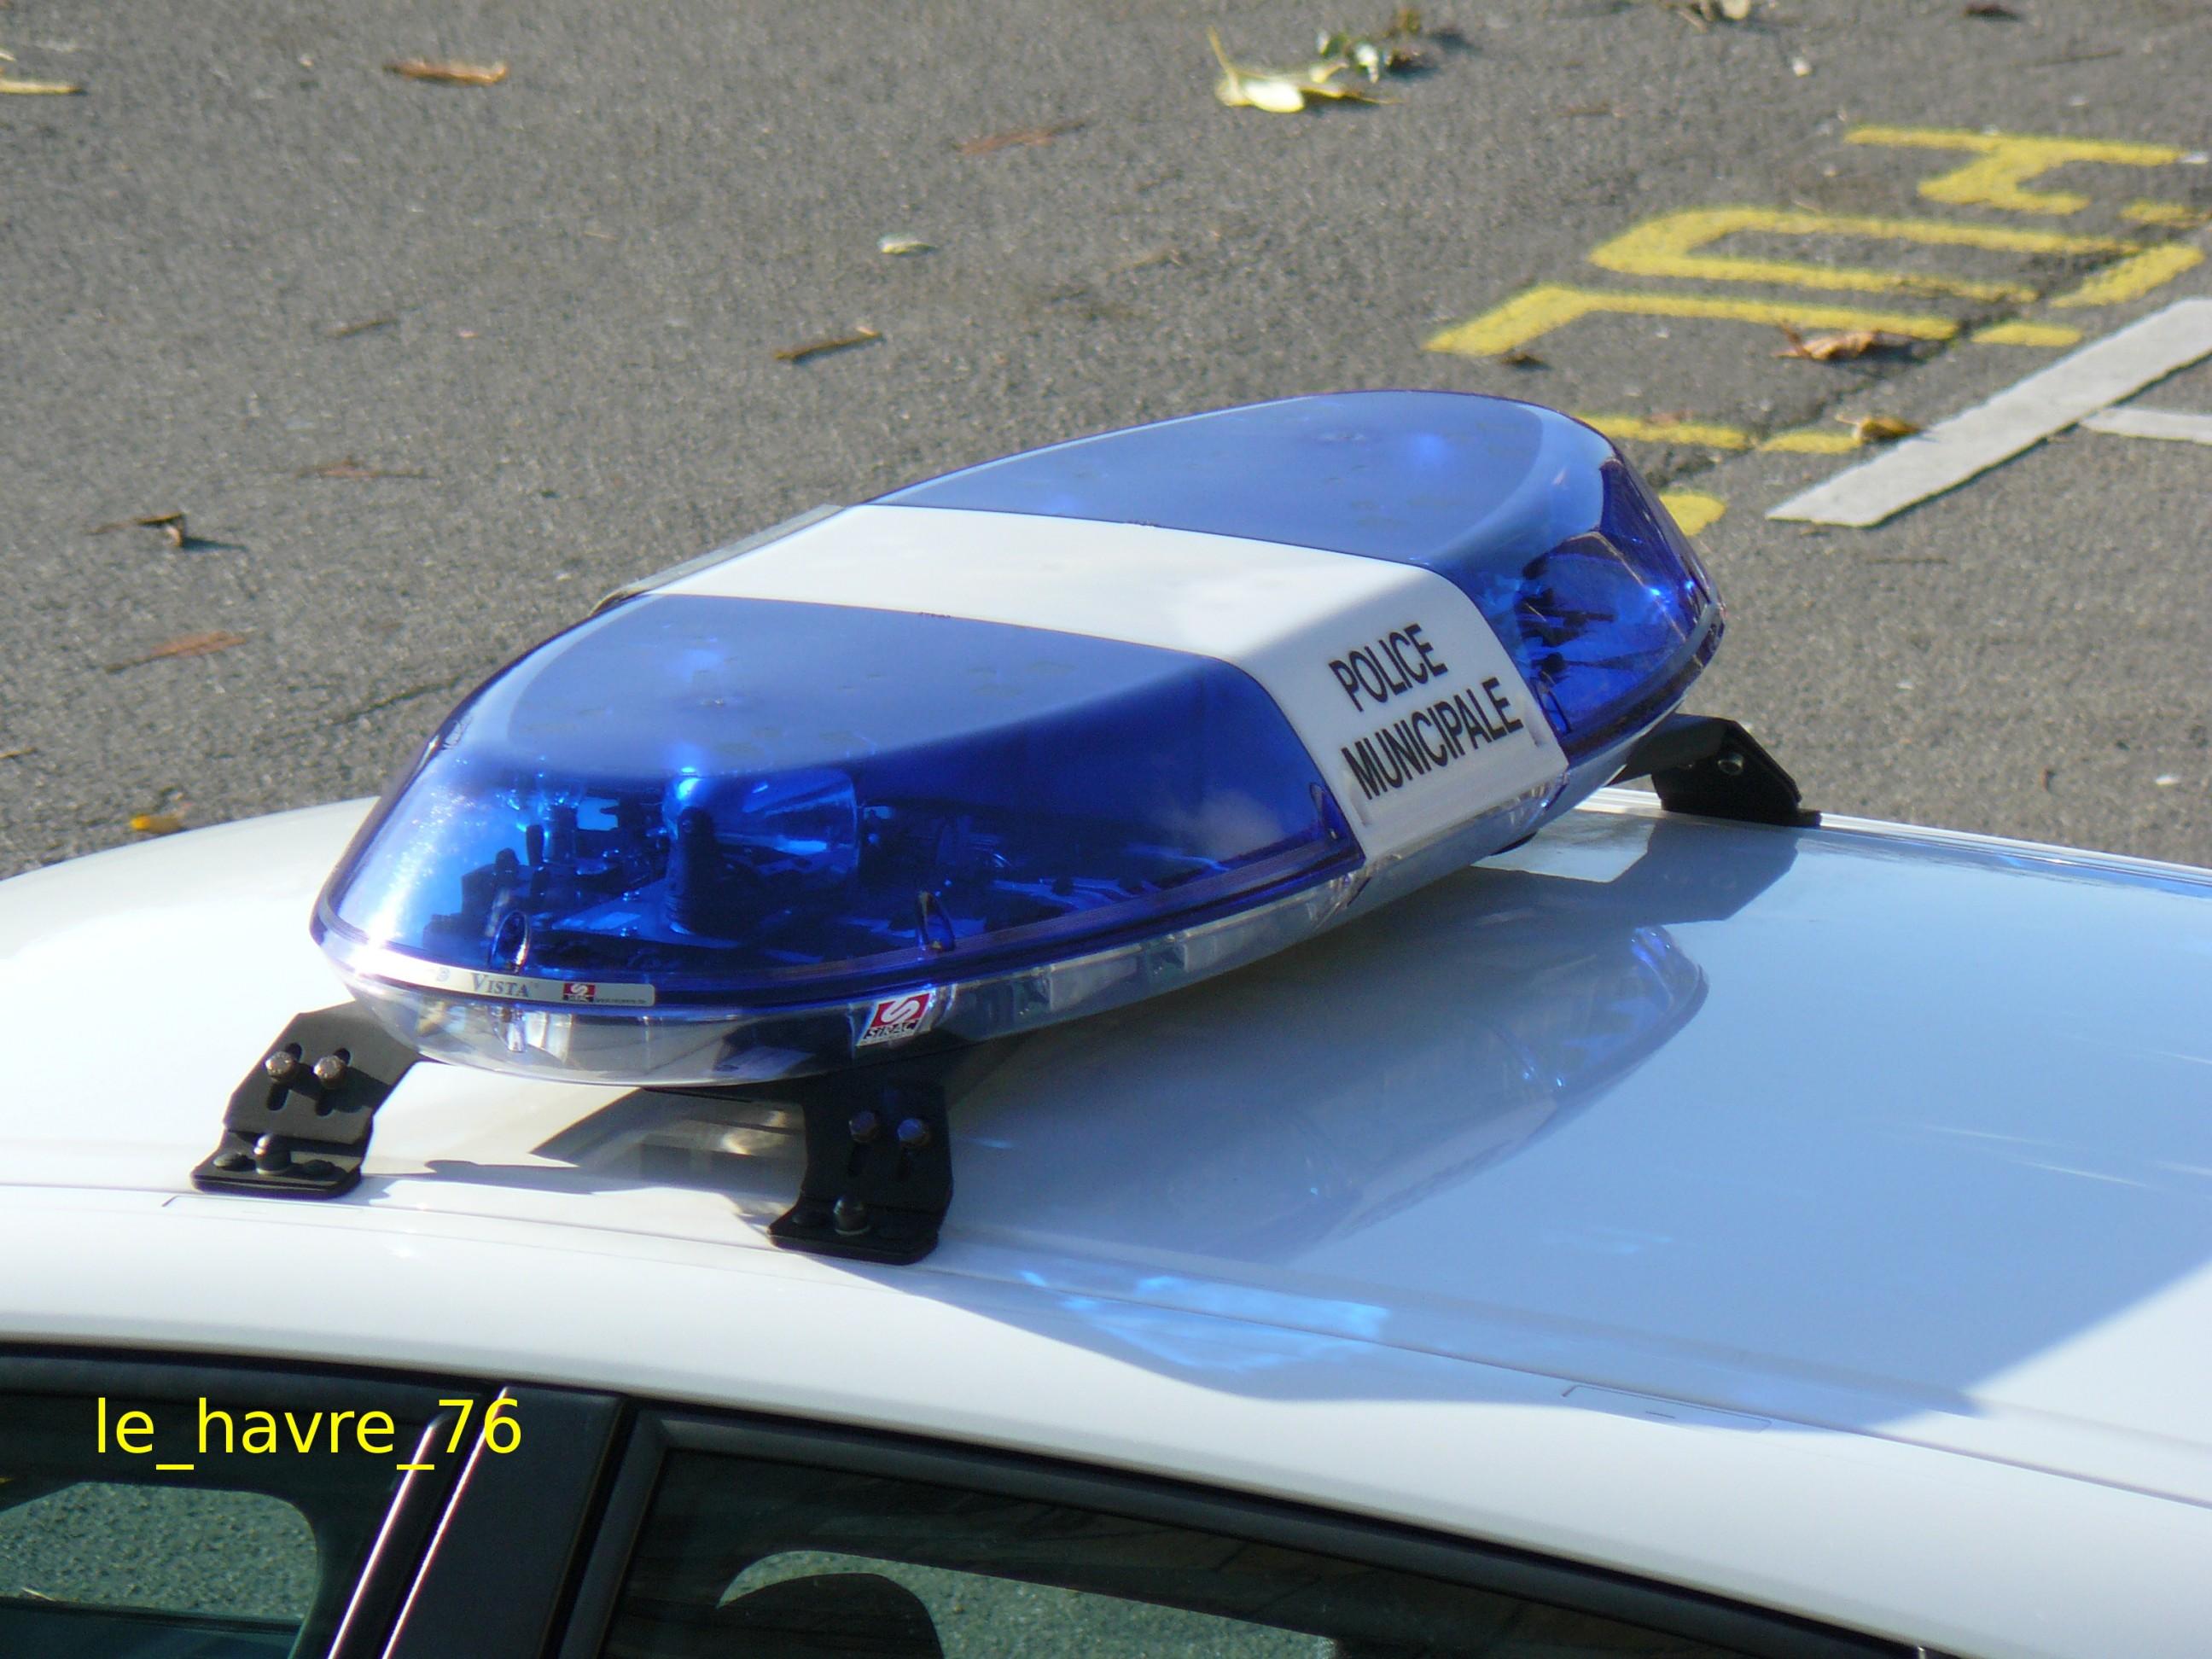 photos de voitures de police page 1430 auto titre. Black Bedroom Furniture Sets. Home Design Ideas